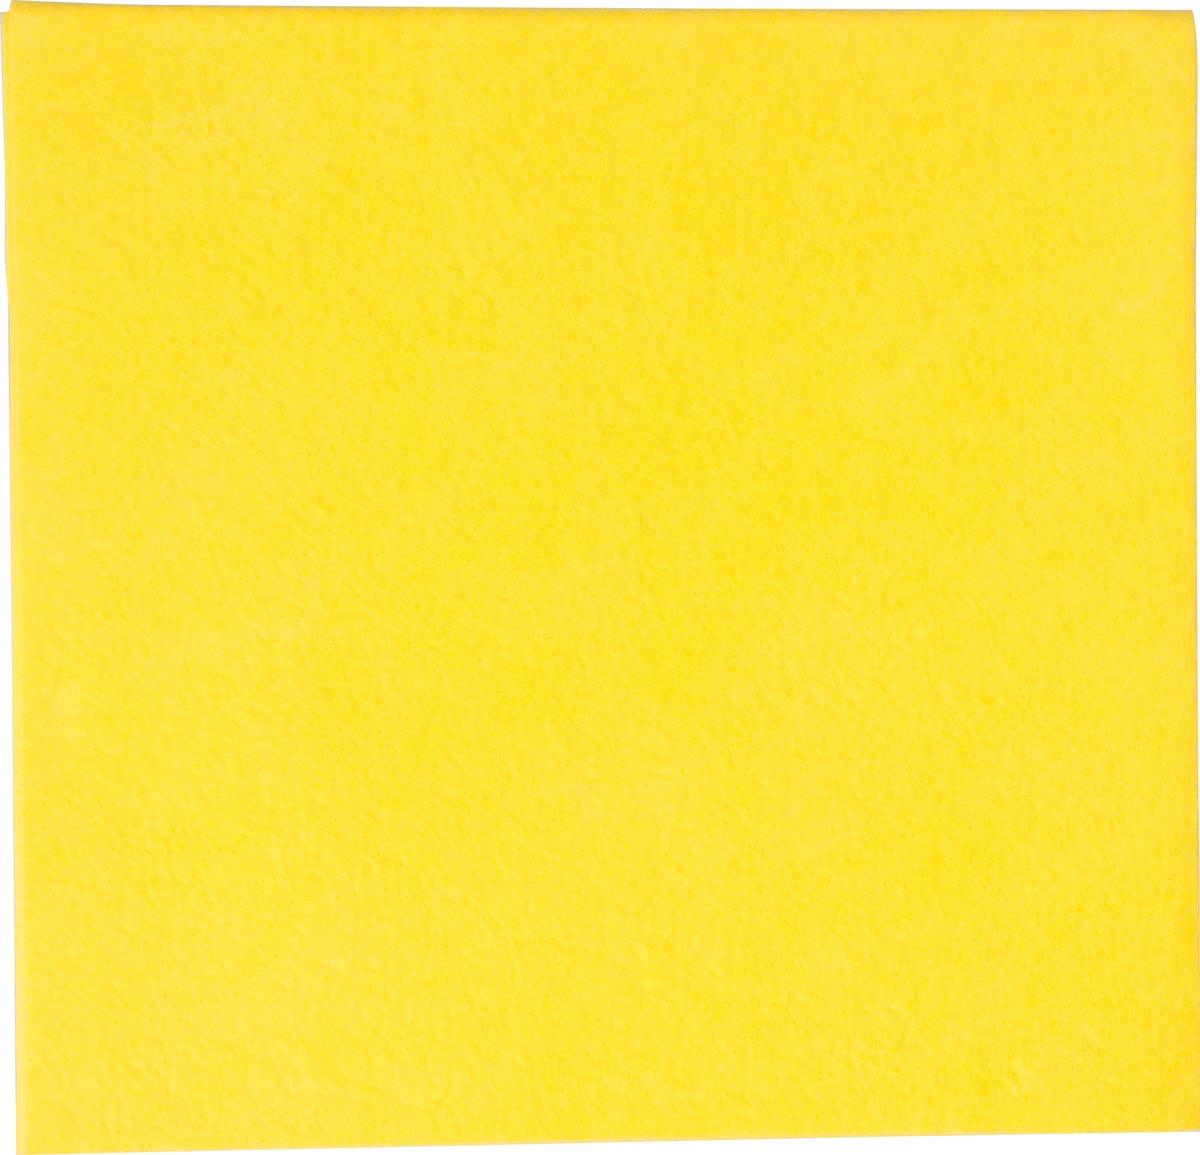 Vileda poetsdoek All Purpose, geel, pak van 10 stuks